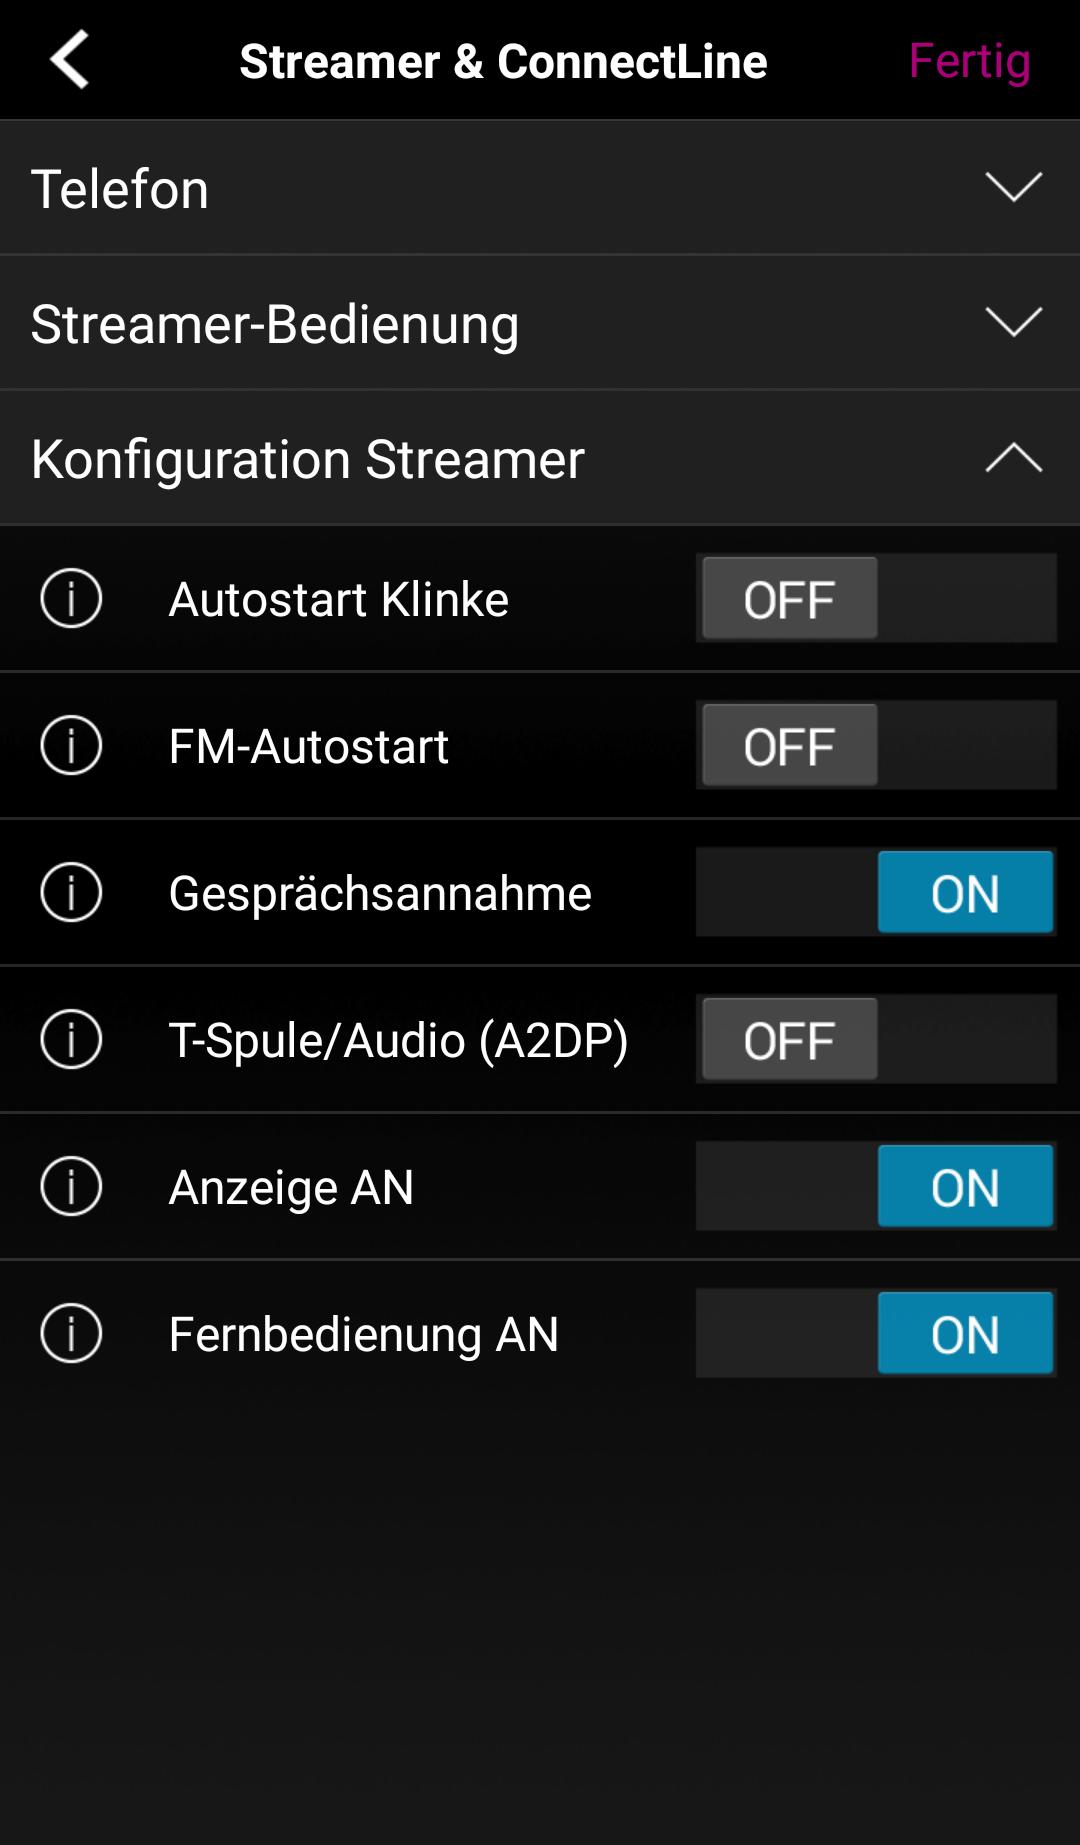 Weitere Konfigurationsmöglichkeiten der App.